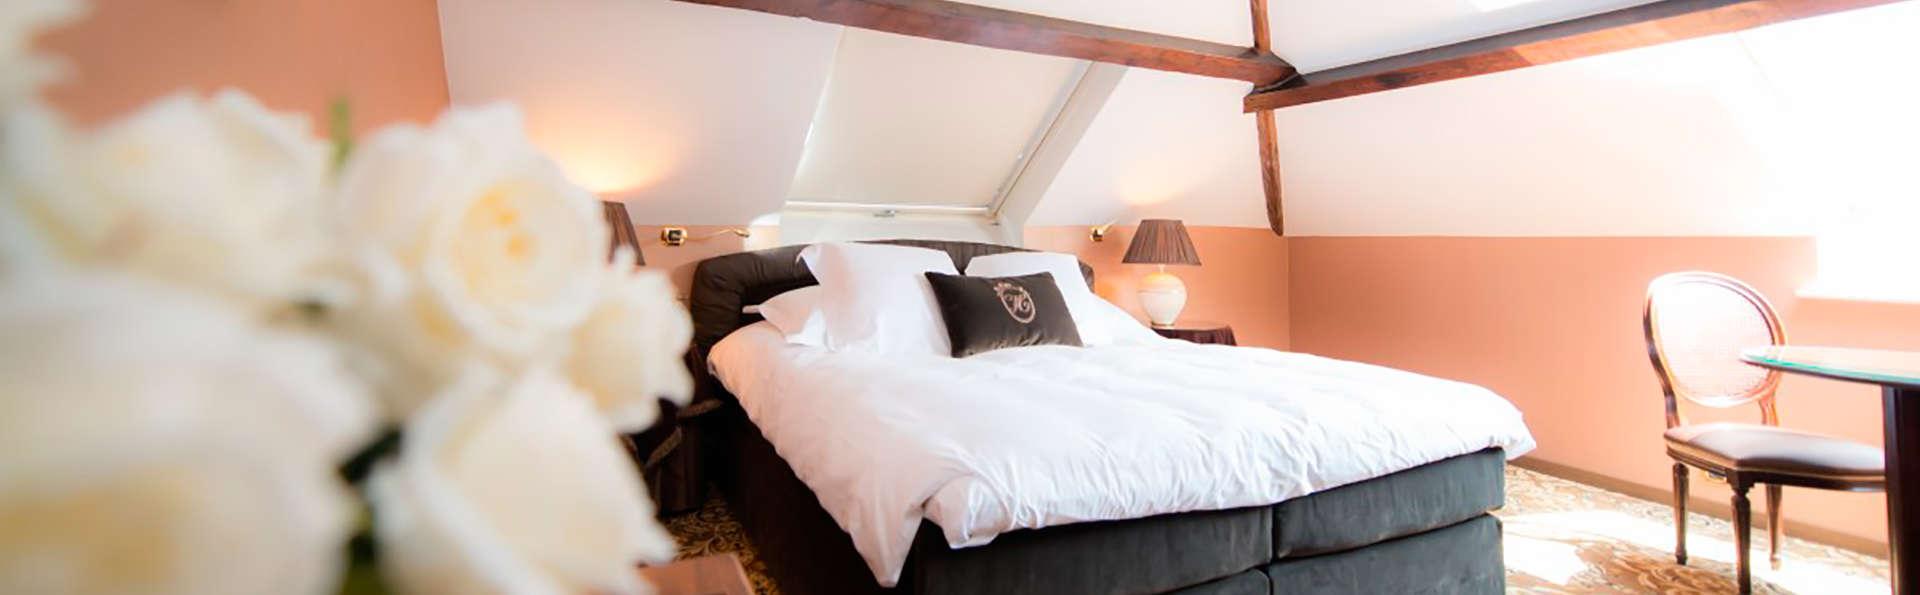 Elégance et luxe au cœur de Bruges